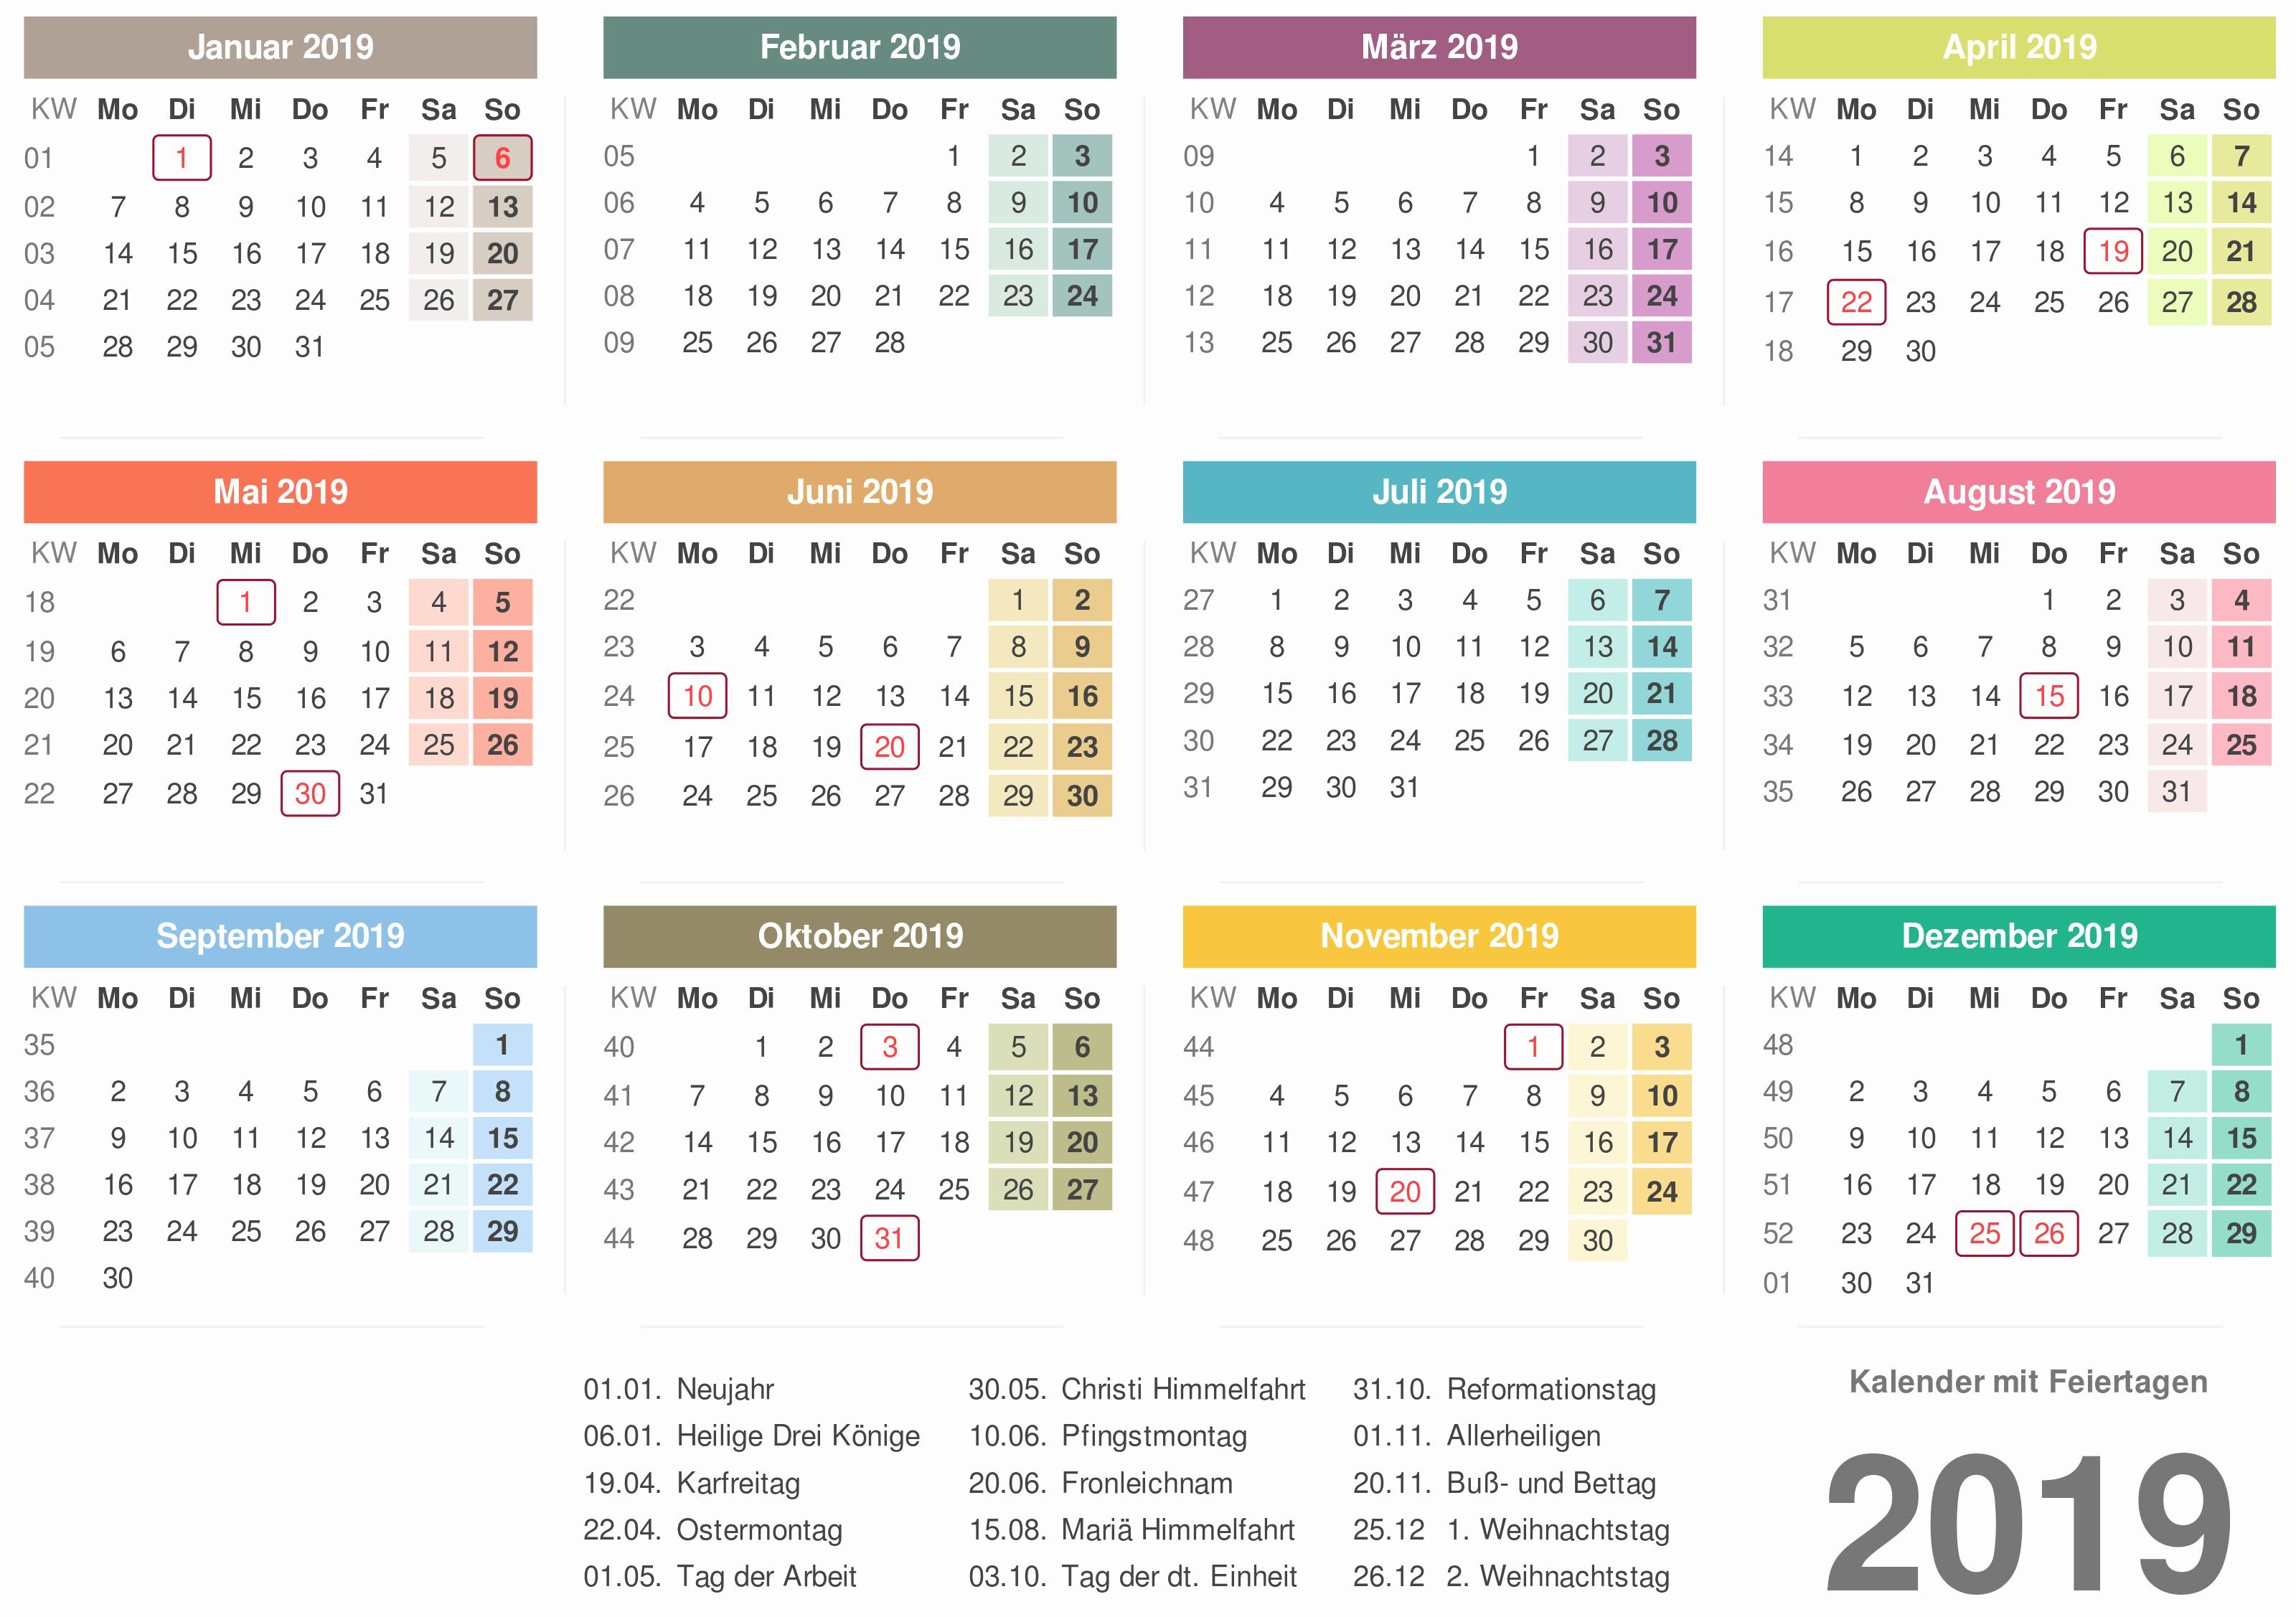 Kalender 2019 2020 Hessen Feiertage Kalender 2019 Indonesia Ferien Feiertage Excel Pdf